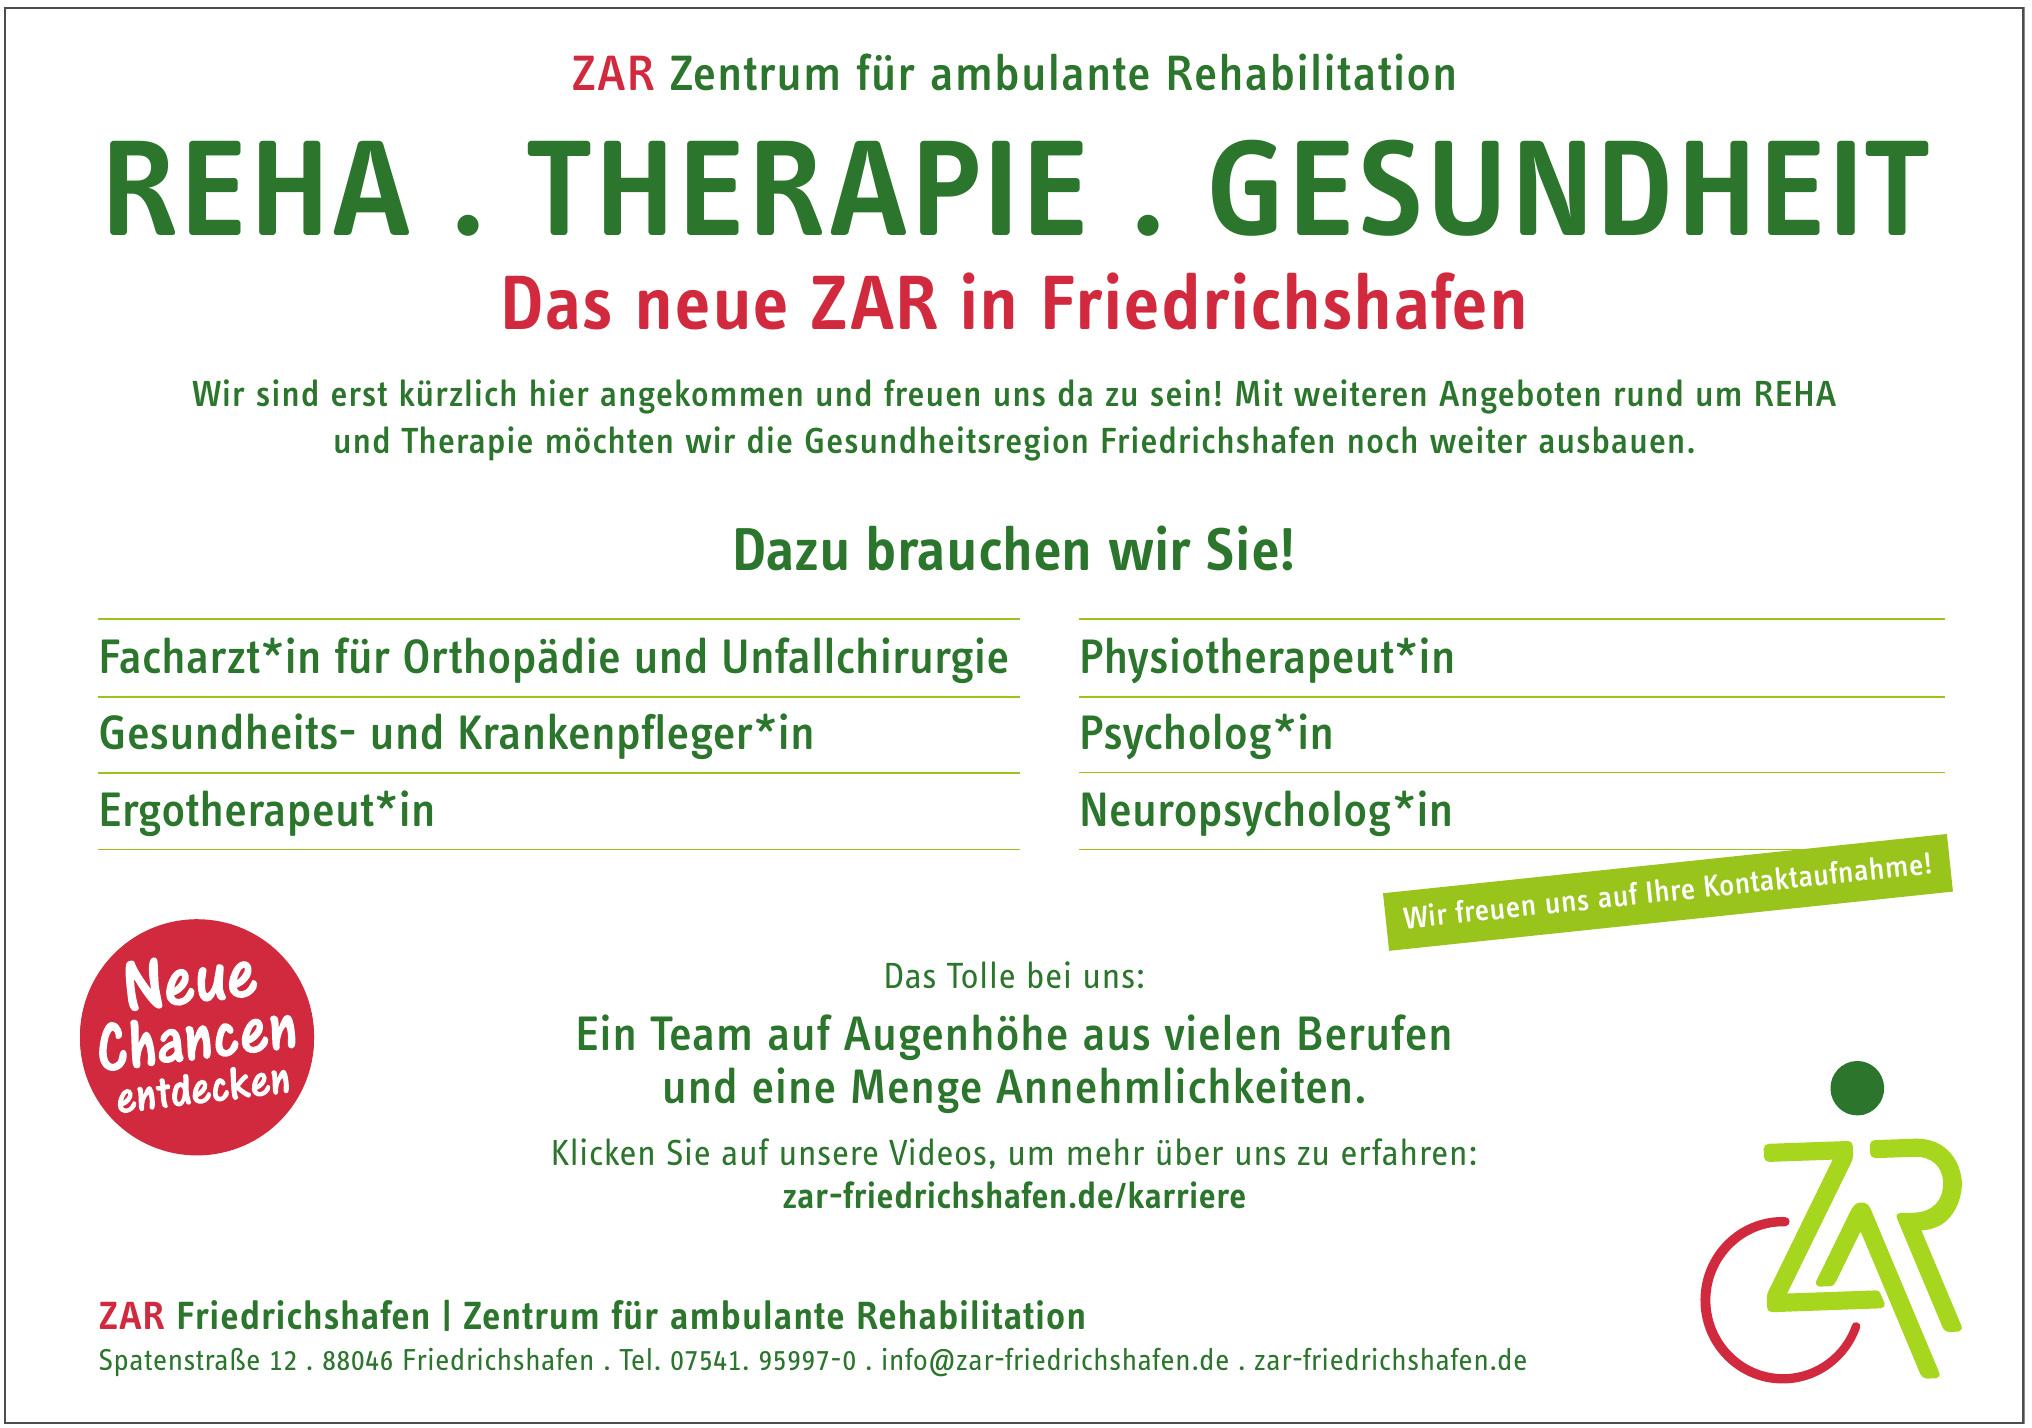 ZAR Friedrichshafen - Zentrum für ambulante Rehabilitation